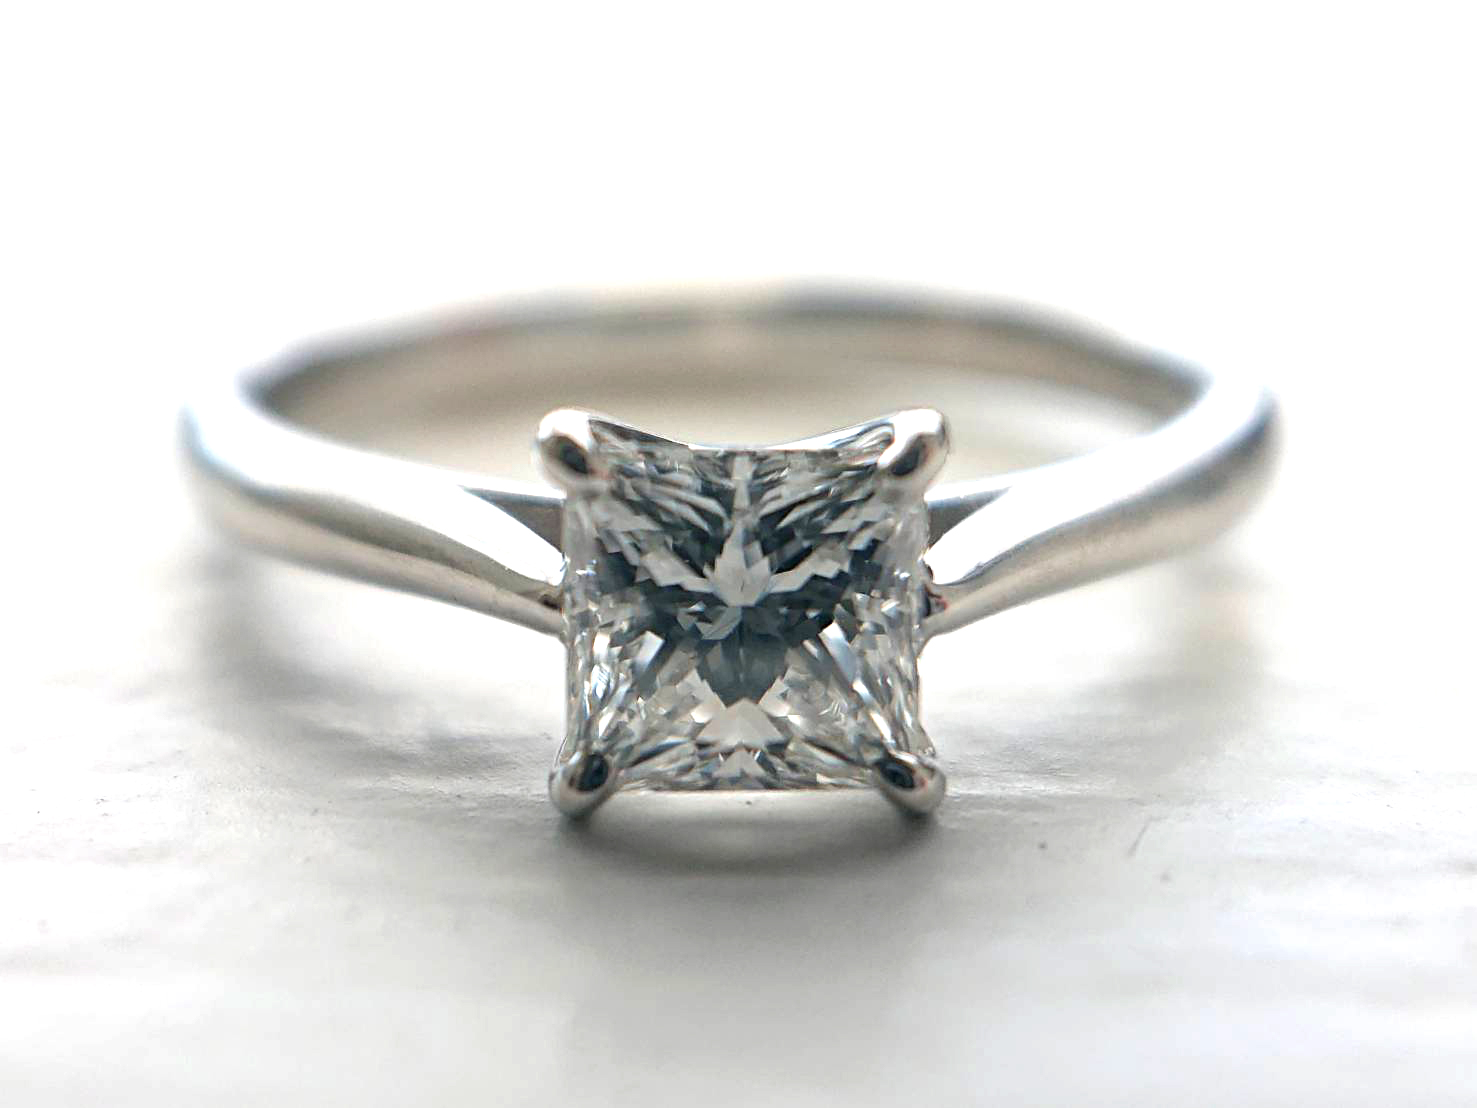 プリンセスカットのダイヤモンドエンゲージを婚約指輪に選ぶ